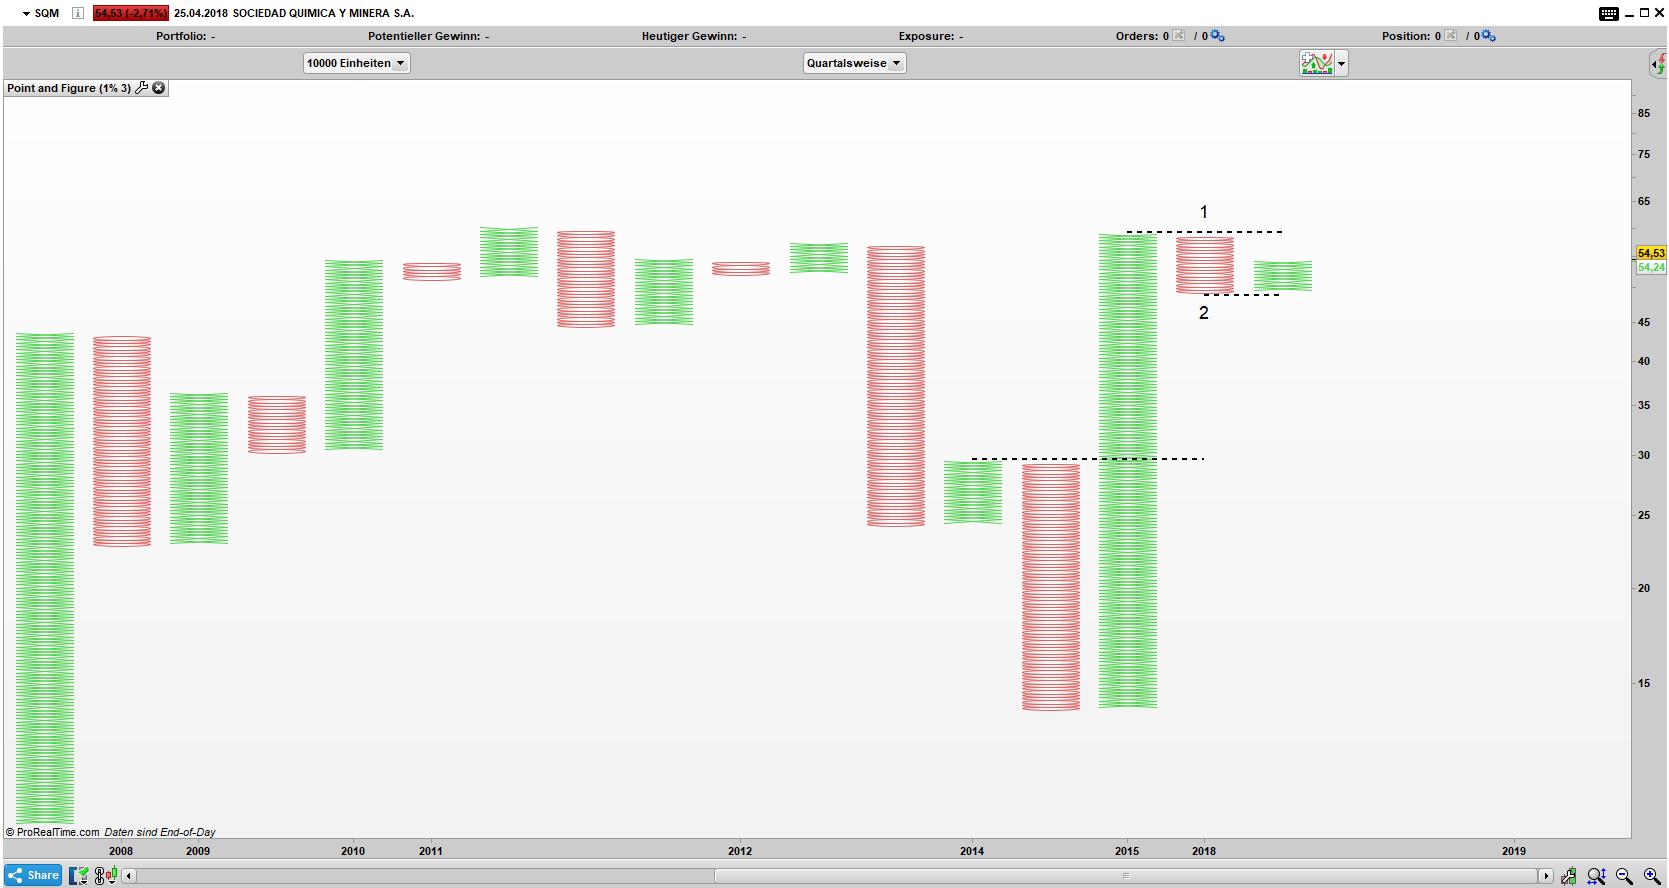 SQM Point and Figure Quartals Chart: Ablauflinien 1 und 2 definieren die wichtigen Grenzen